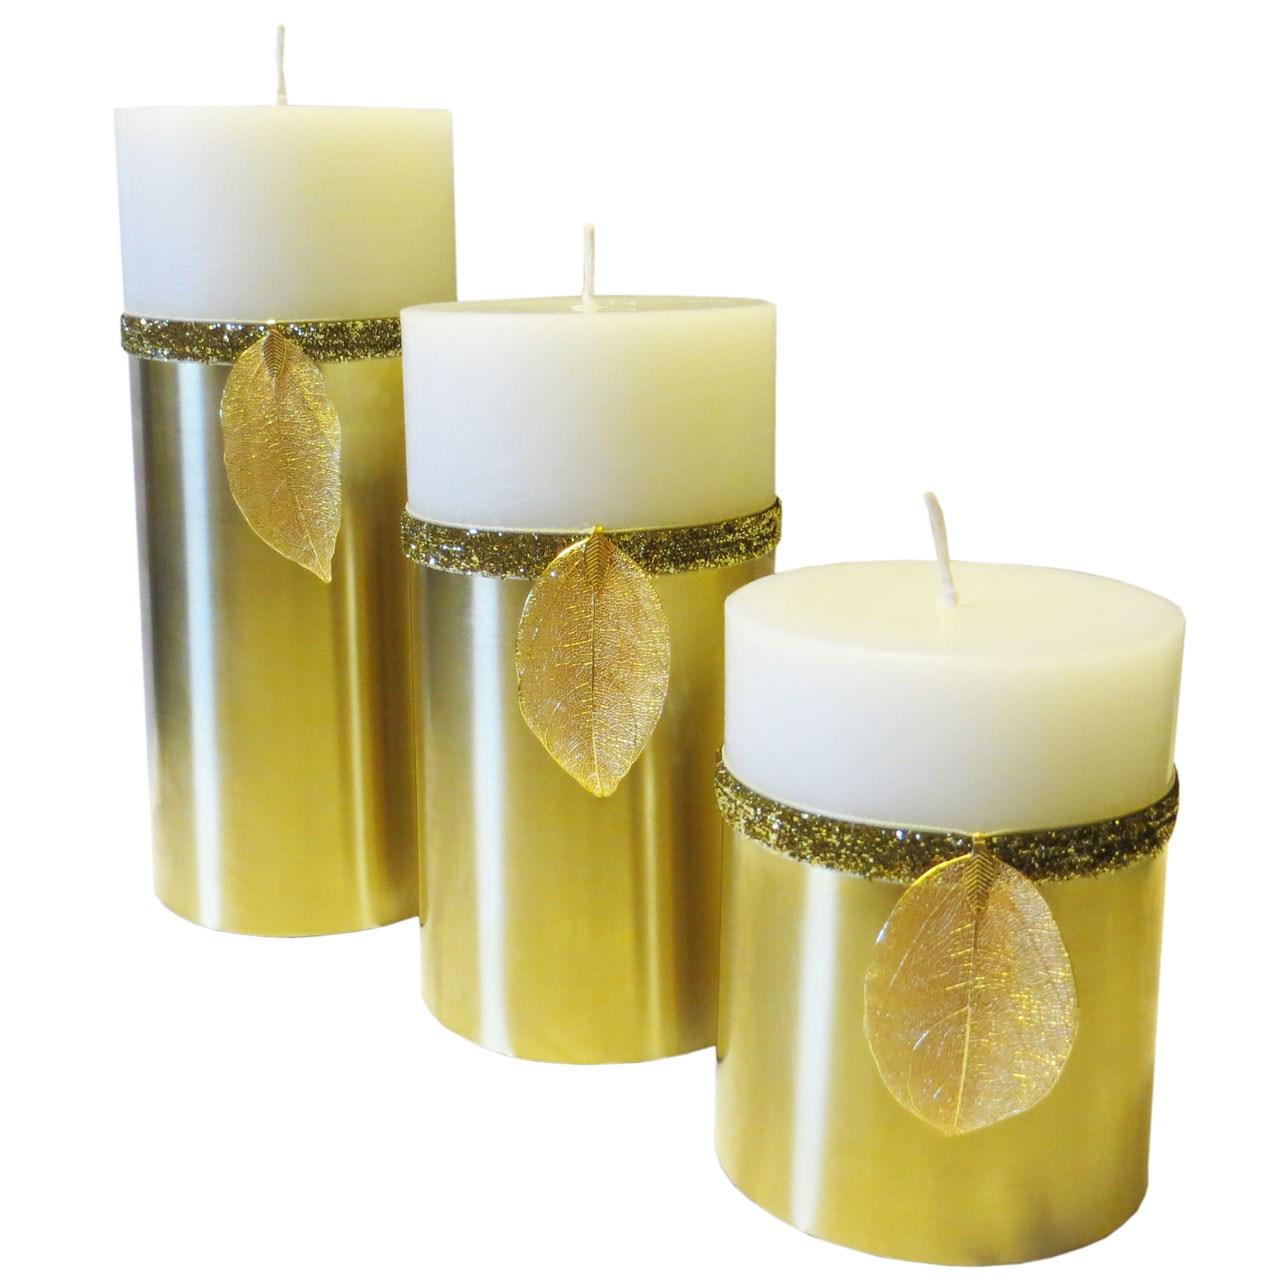 شمع استوانه طرح برگ مجموعه 3 عددی